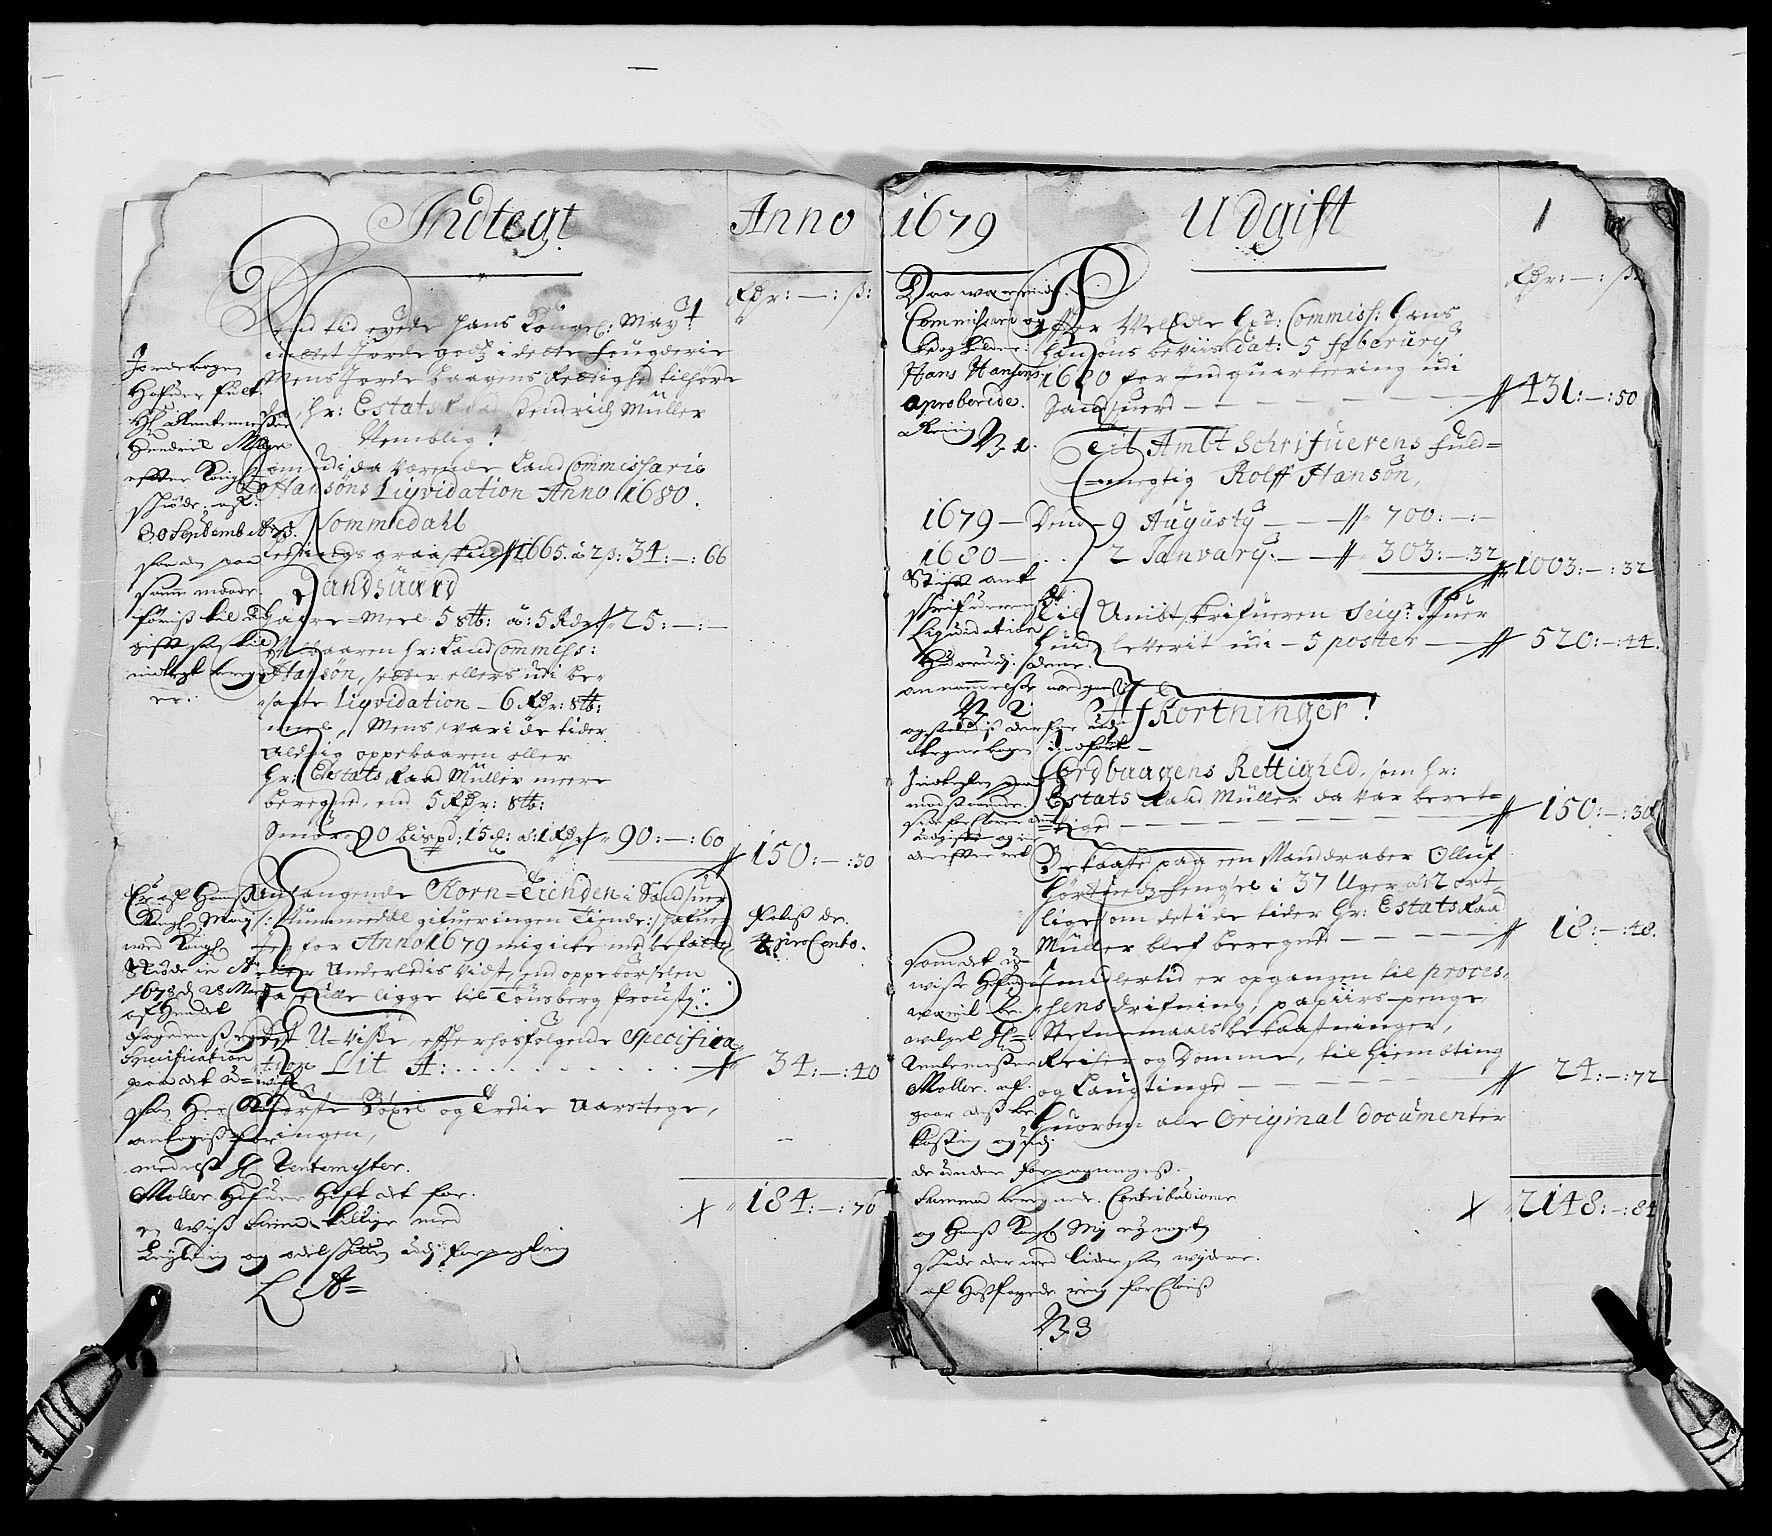 RA, Rentekammeret inntil 1814, Reviderte regnskaper, Fogderegnskap, R24/L1569: Fogderegnskap Numedal og Sandsvær, 1679-1686, s. 48